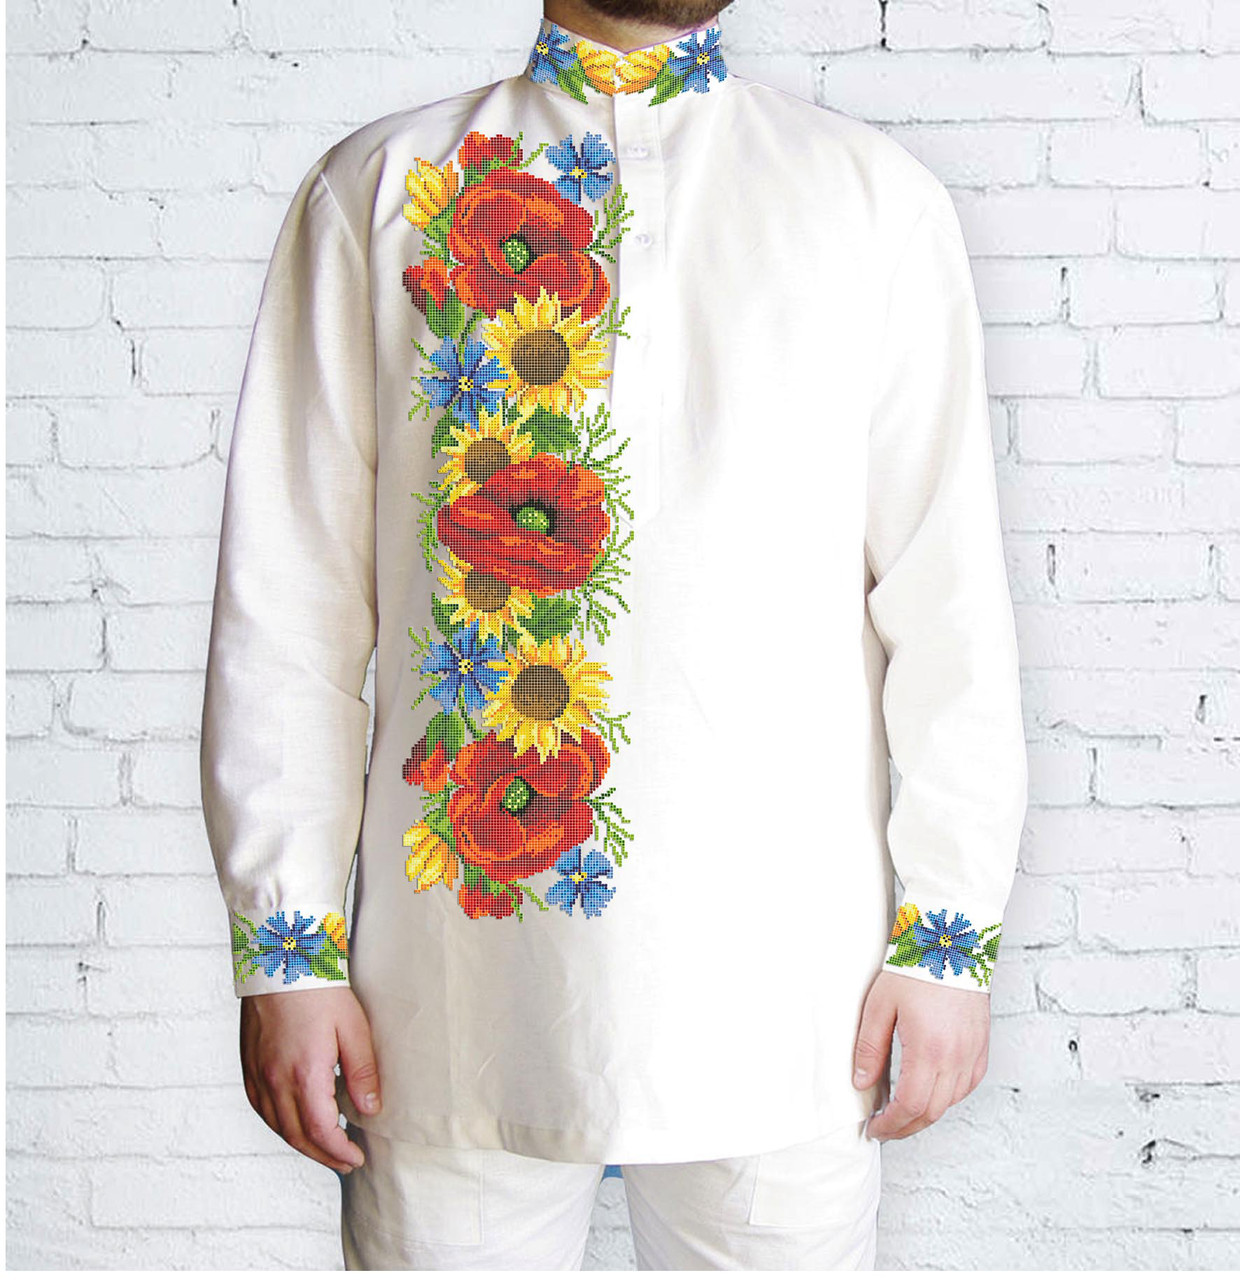 Заготовка мужской рубашки / вышиванки / сорочки для вышивки / вышивания бисером или нитками «Дарунок літа»